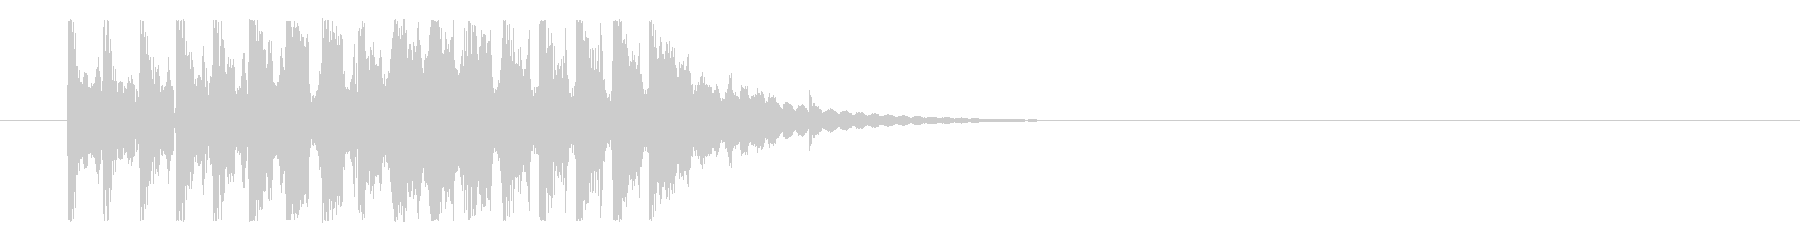 アルペジョのコミカルなロゴの未再生の波形